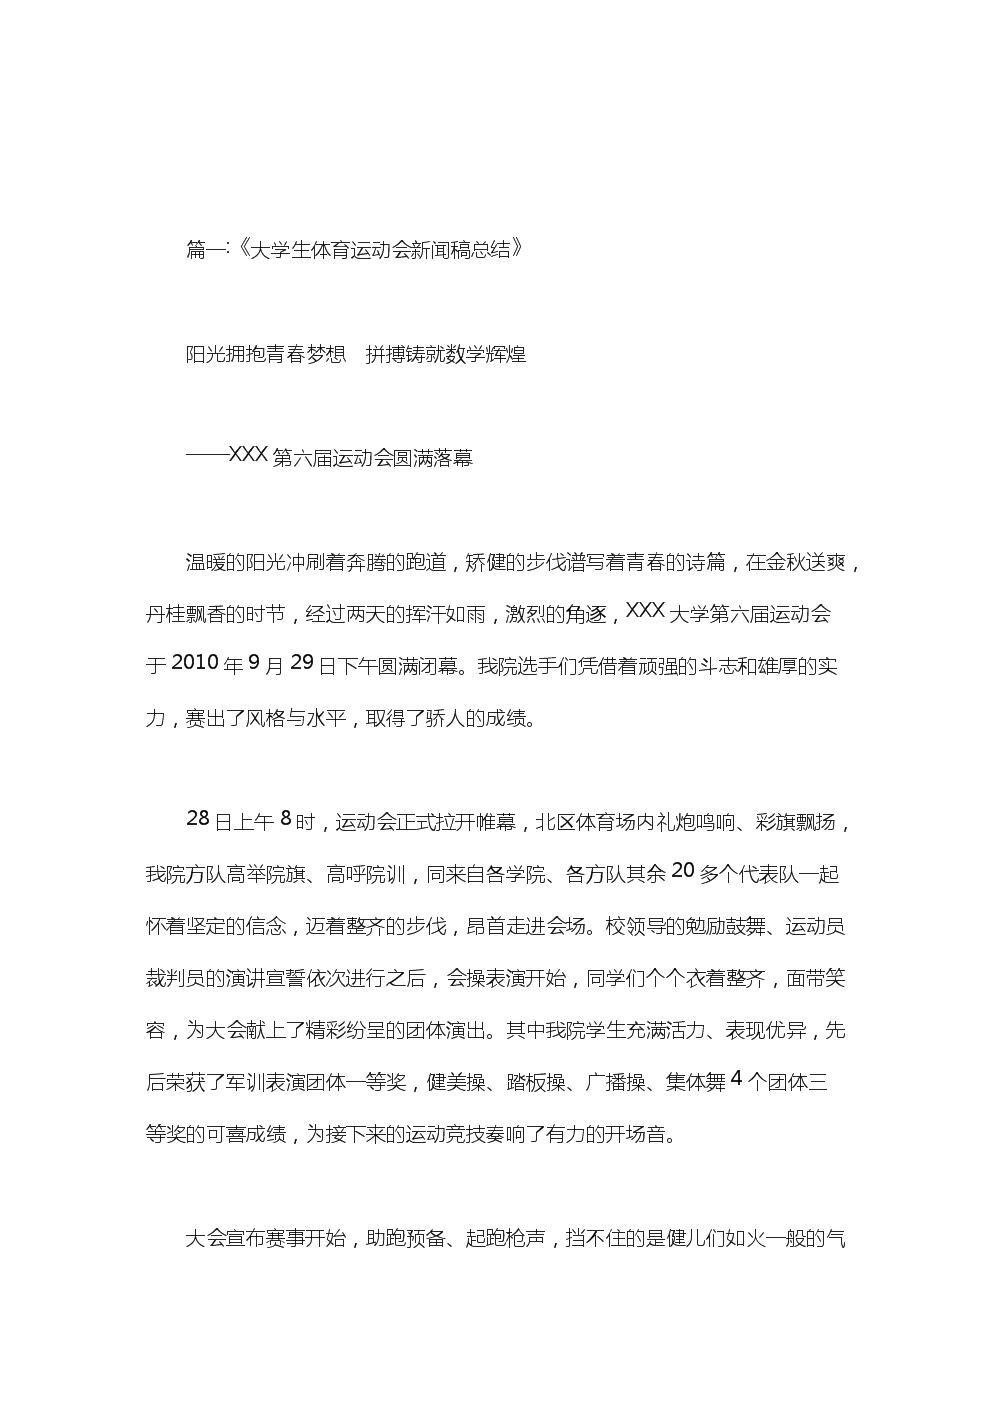 大学运动会的新闻稿范文.doc